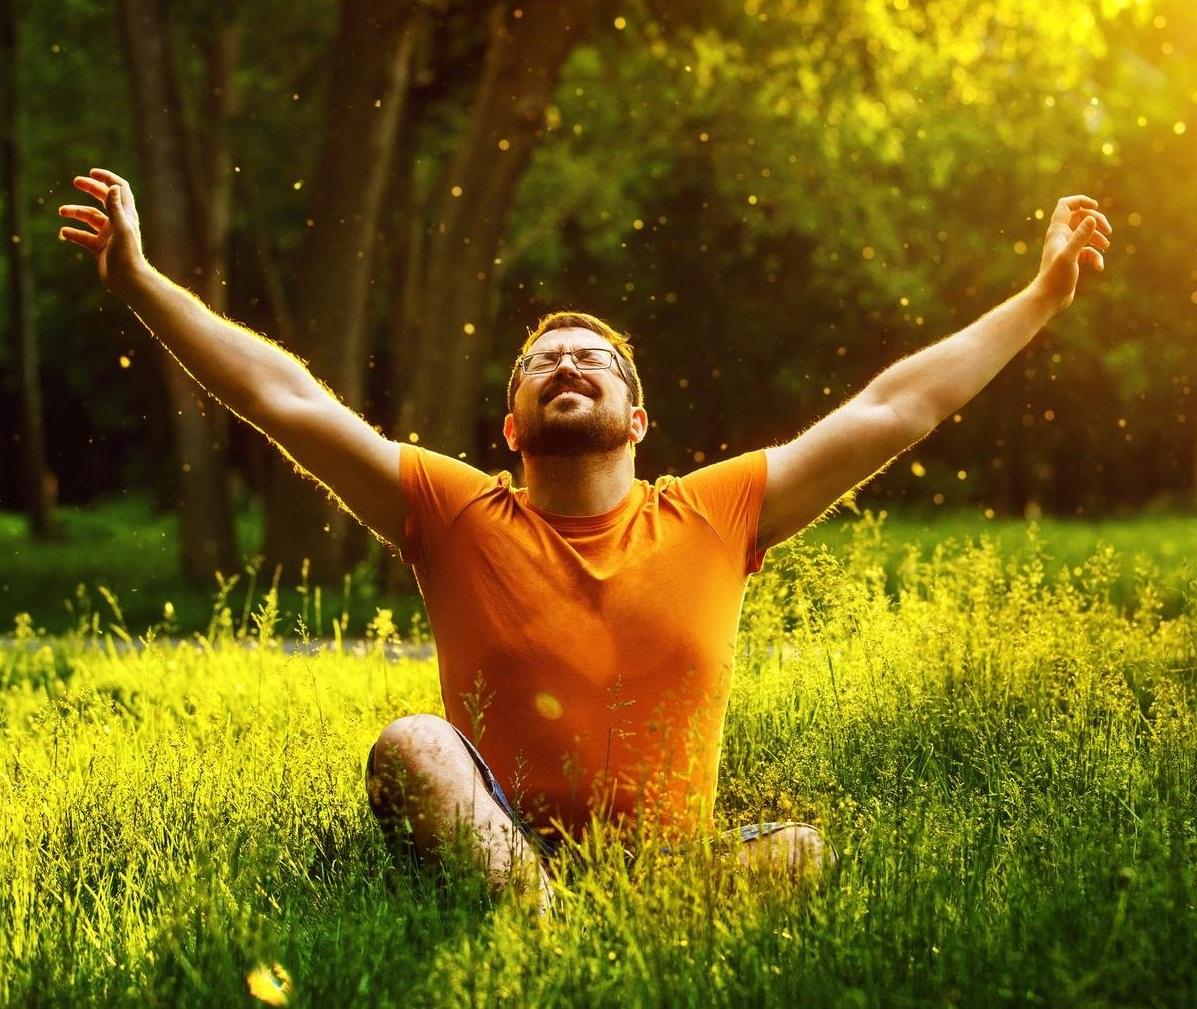 красивая картинка солнышко всегда радость для мужчин